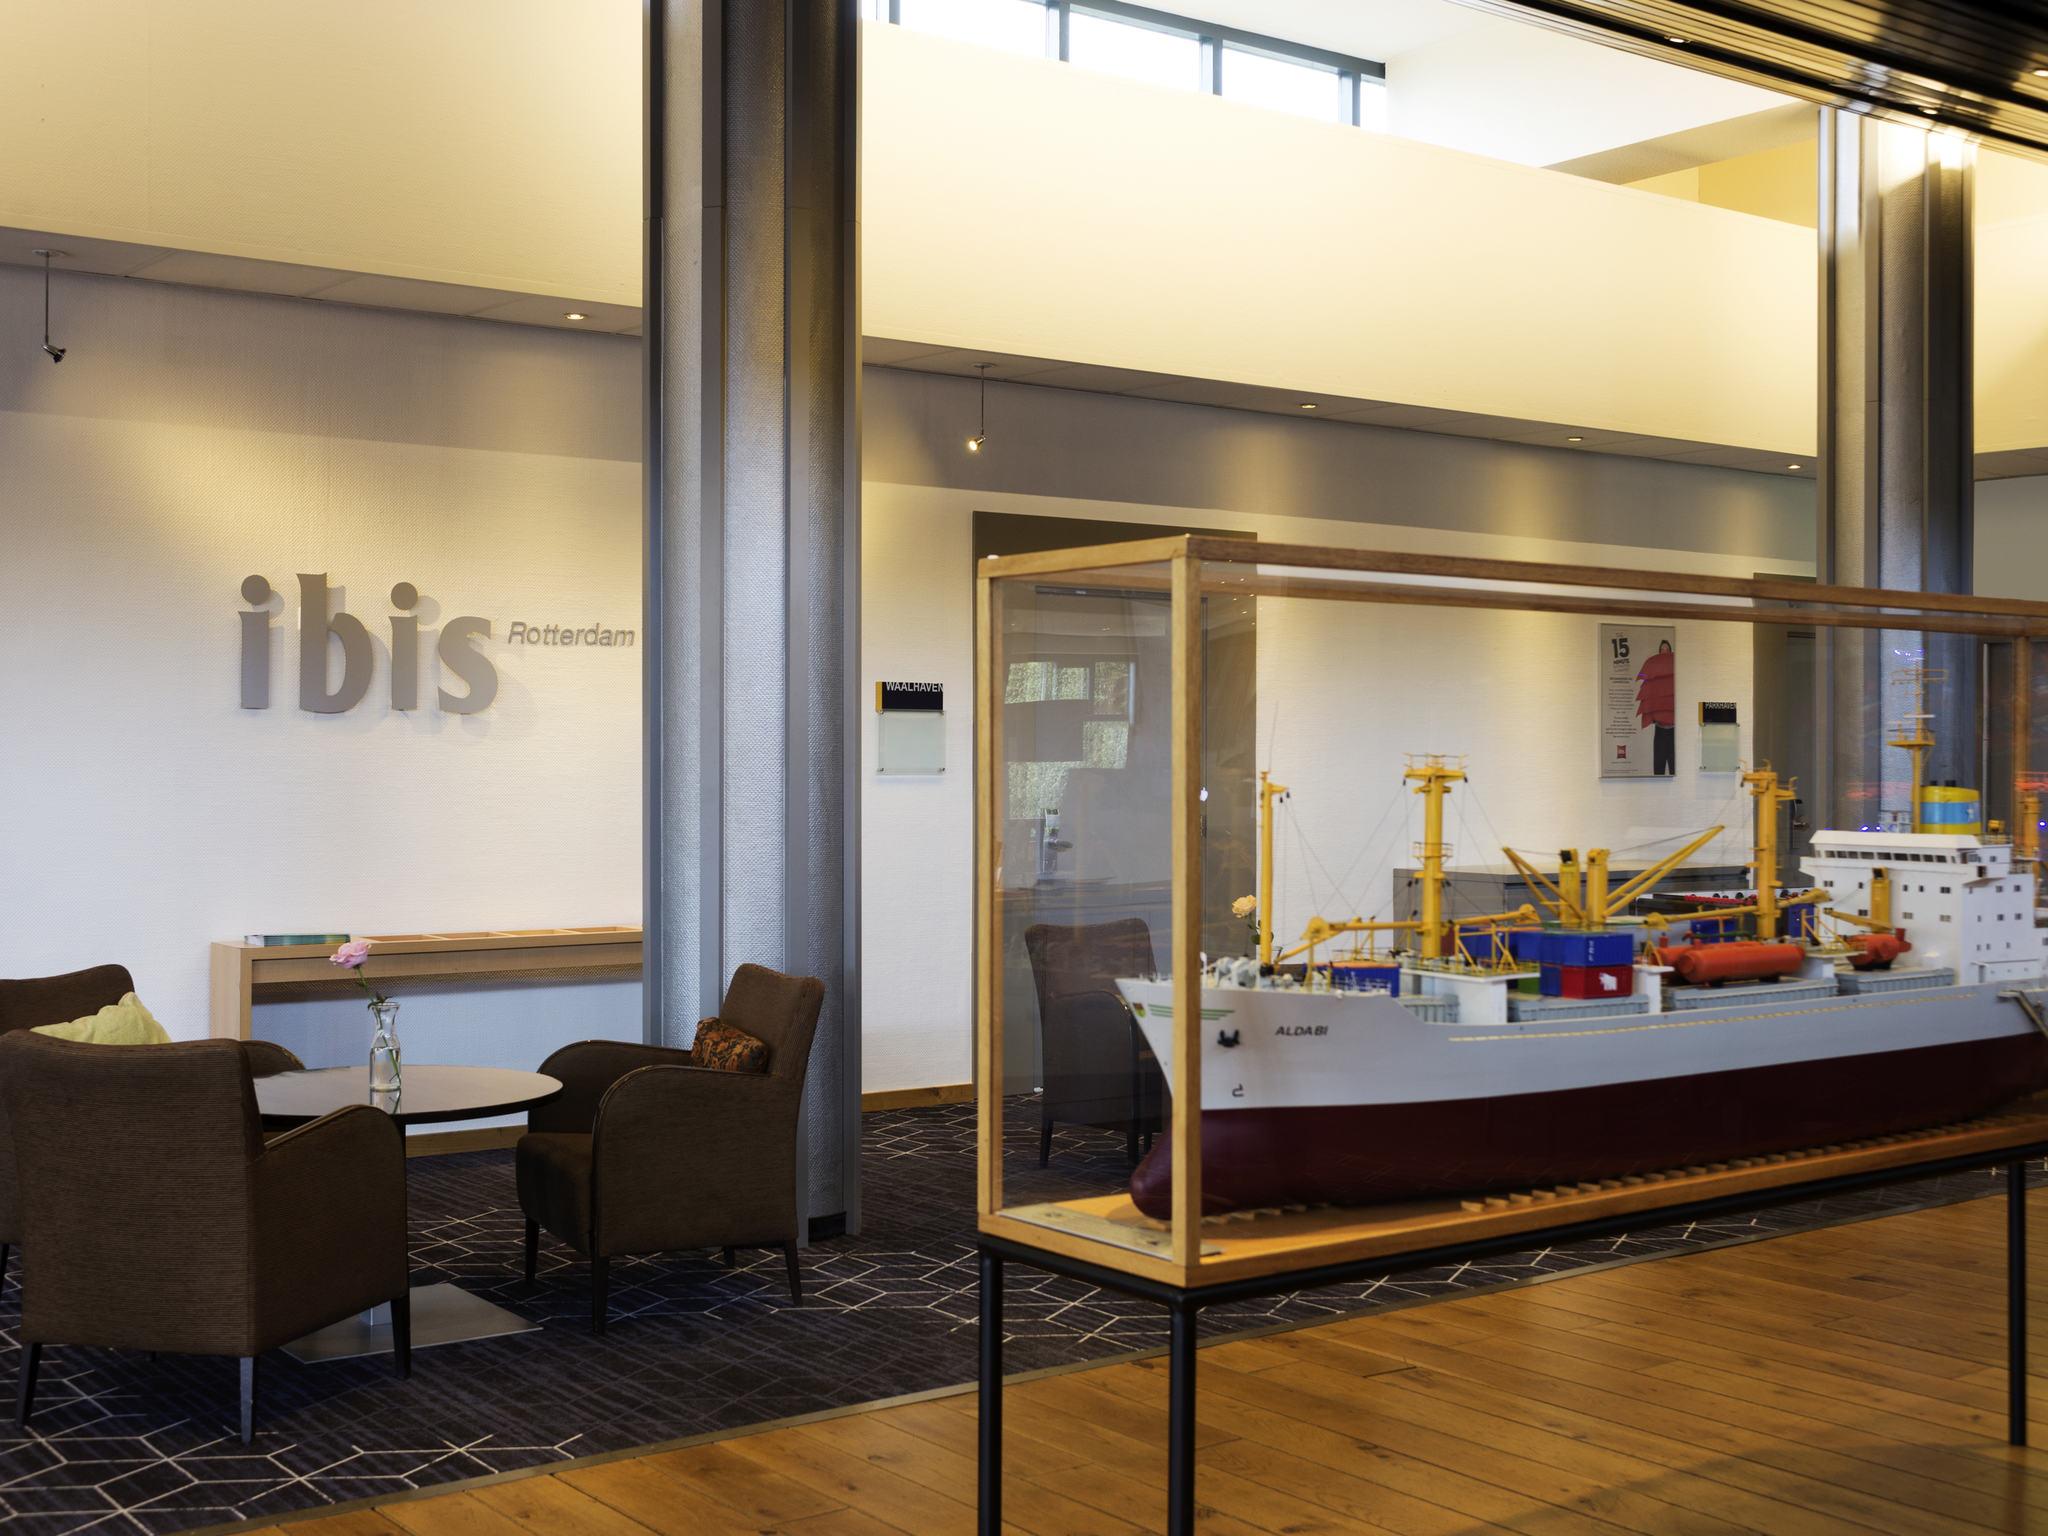 Hotell – ibis Rotterdam Vlaardingen